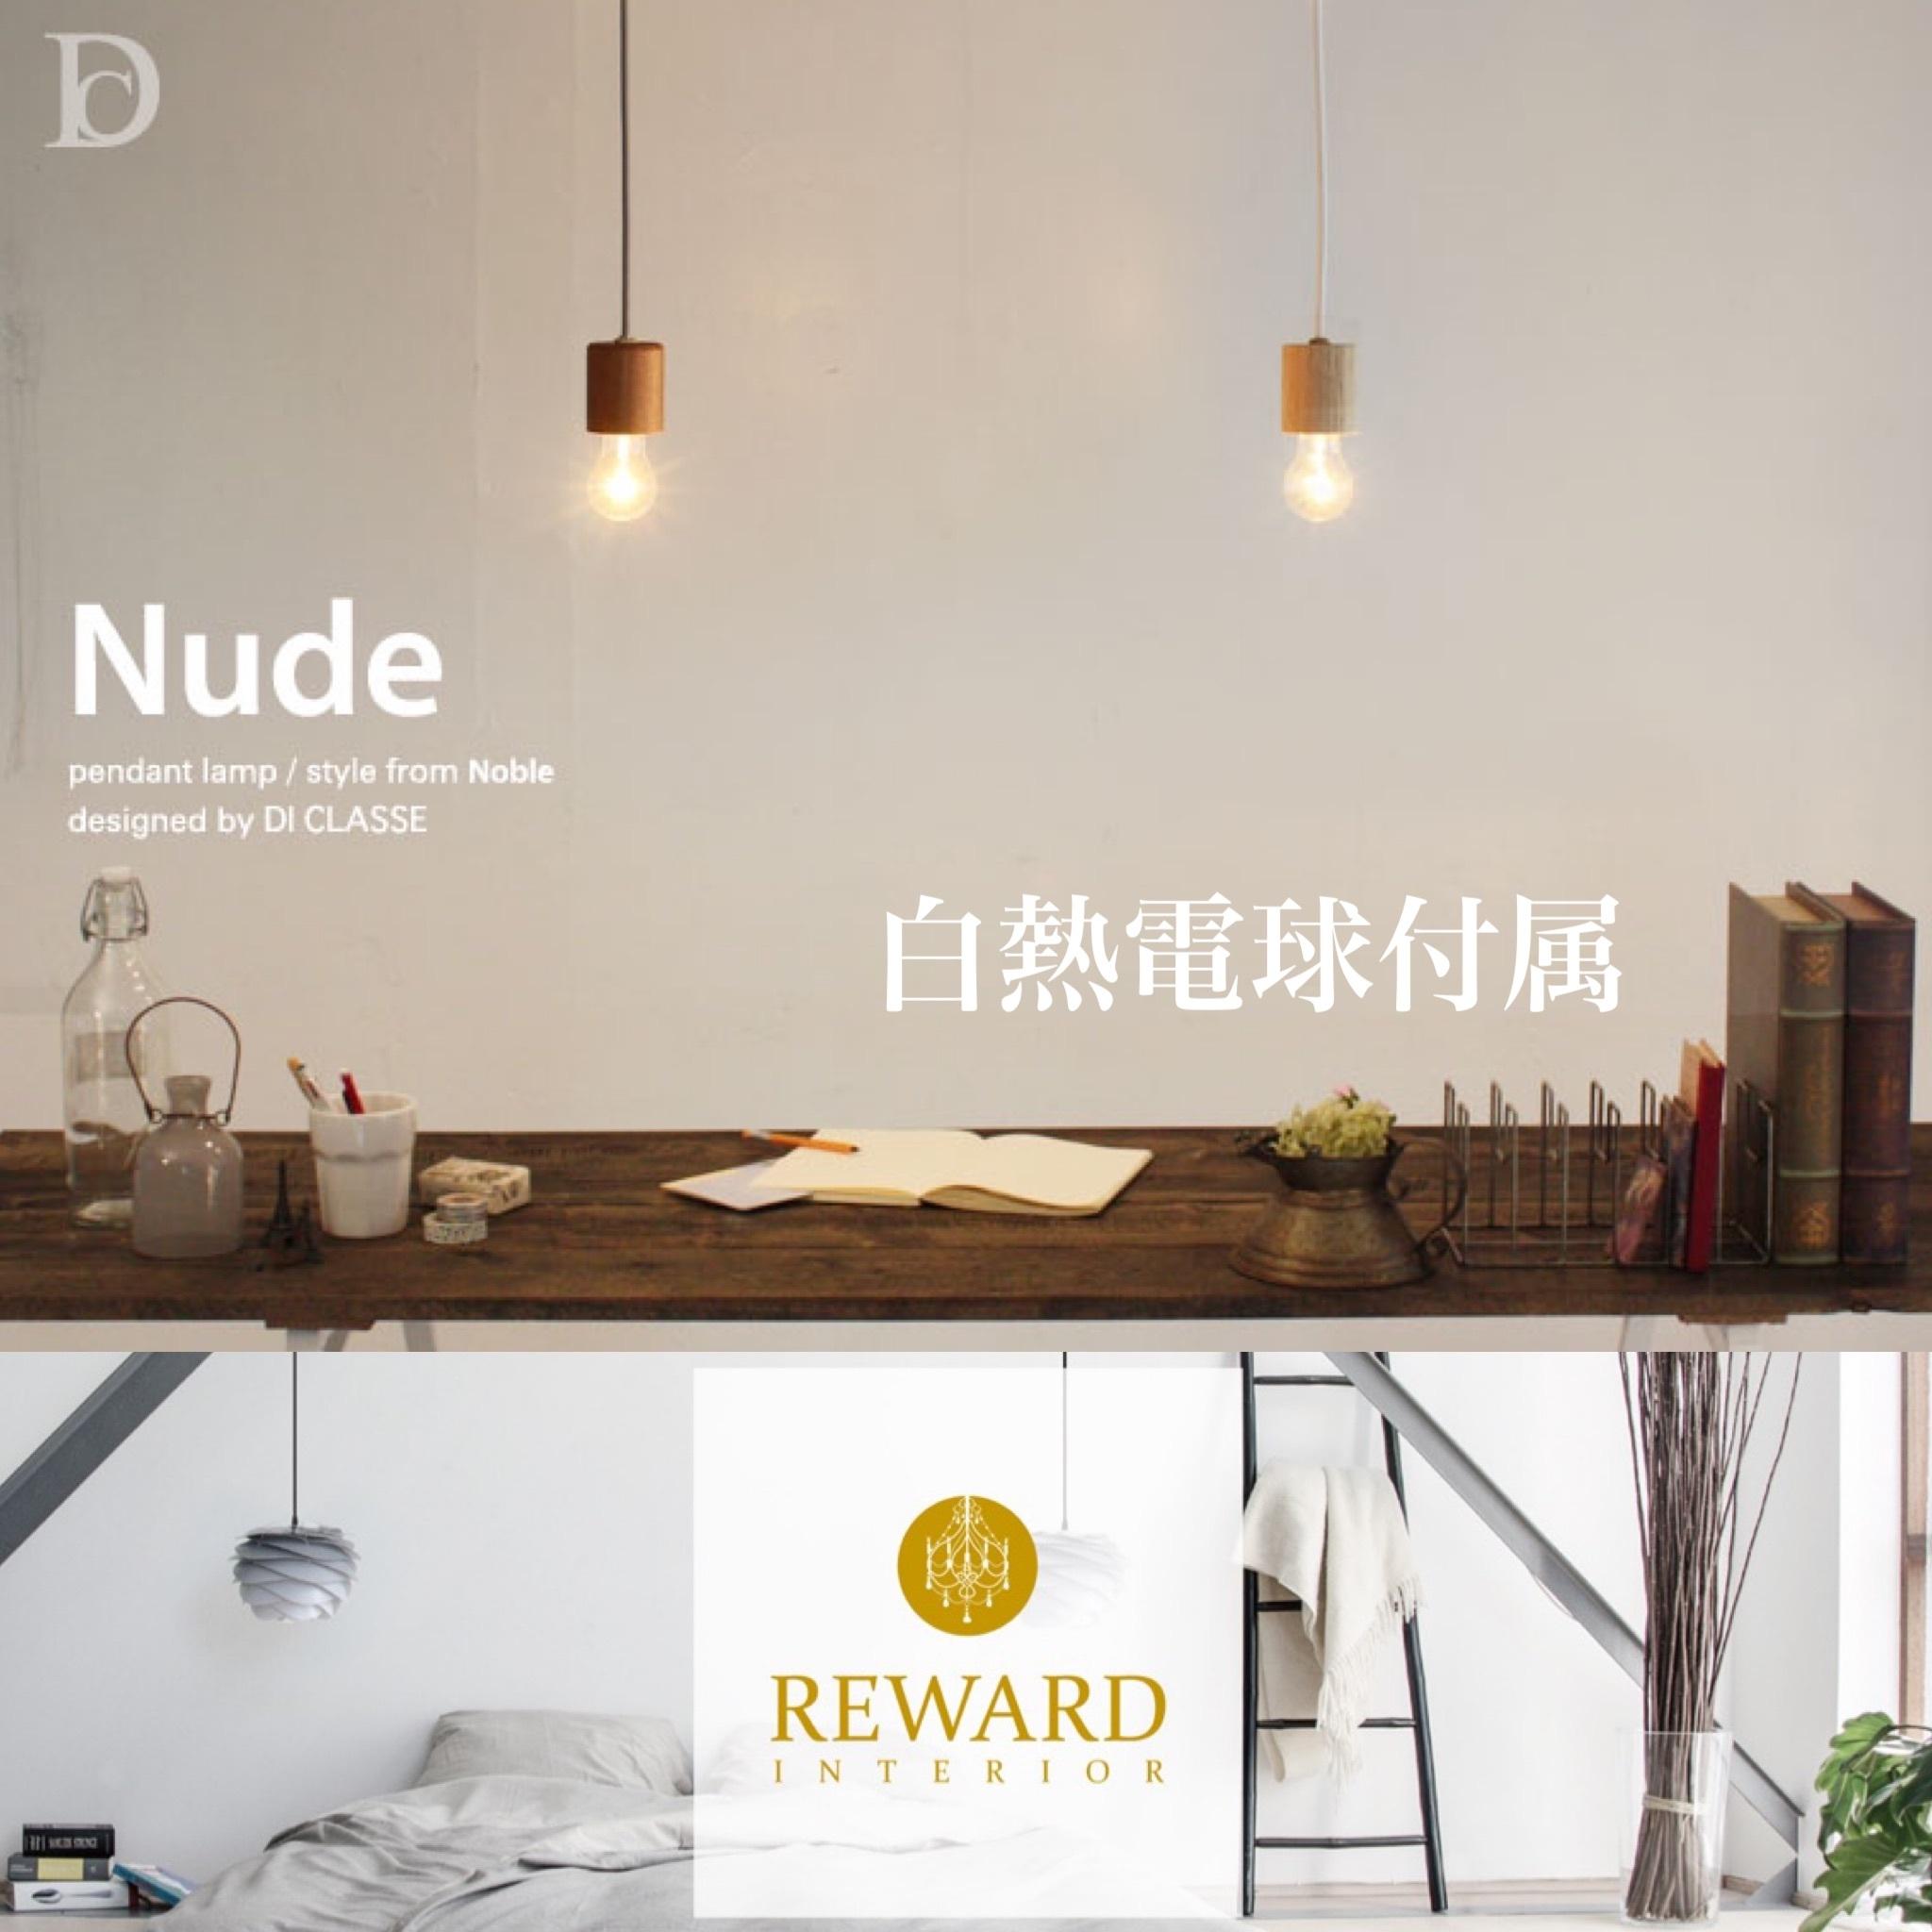 Nude pendant lamp 白熱電球付属 ヌード 全2色 電球型ペンダントライト DI-CLASSE